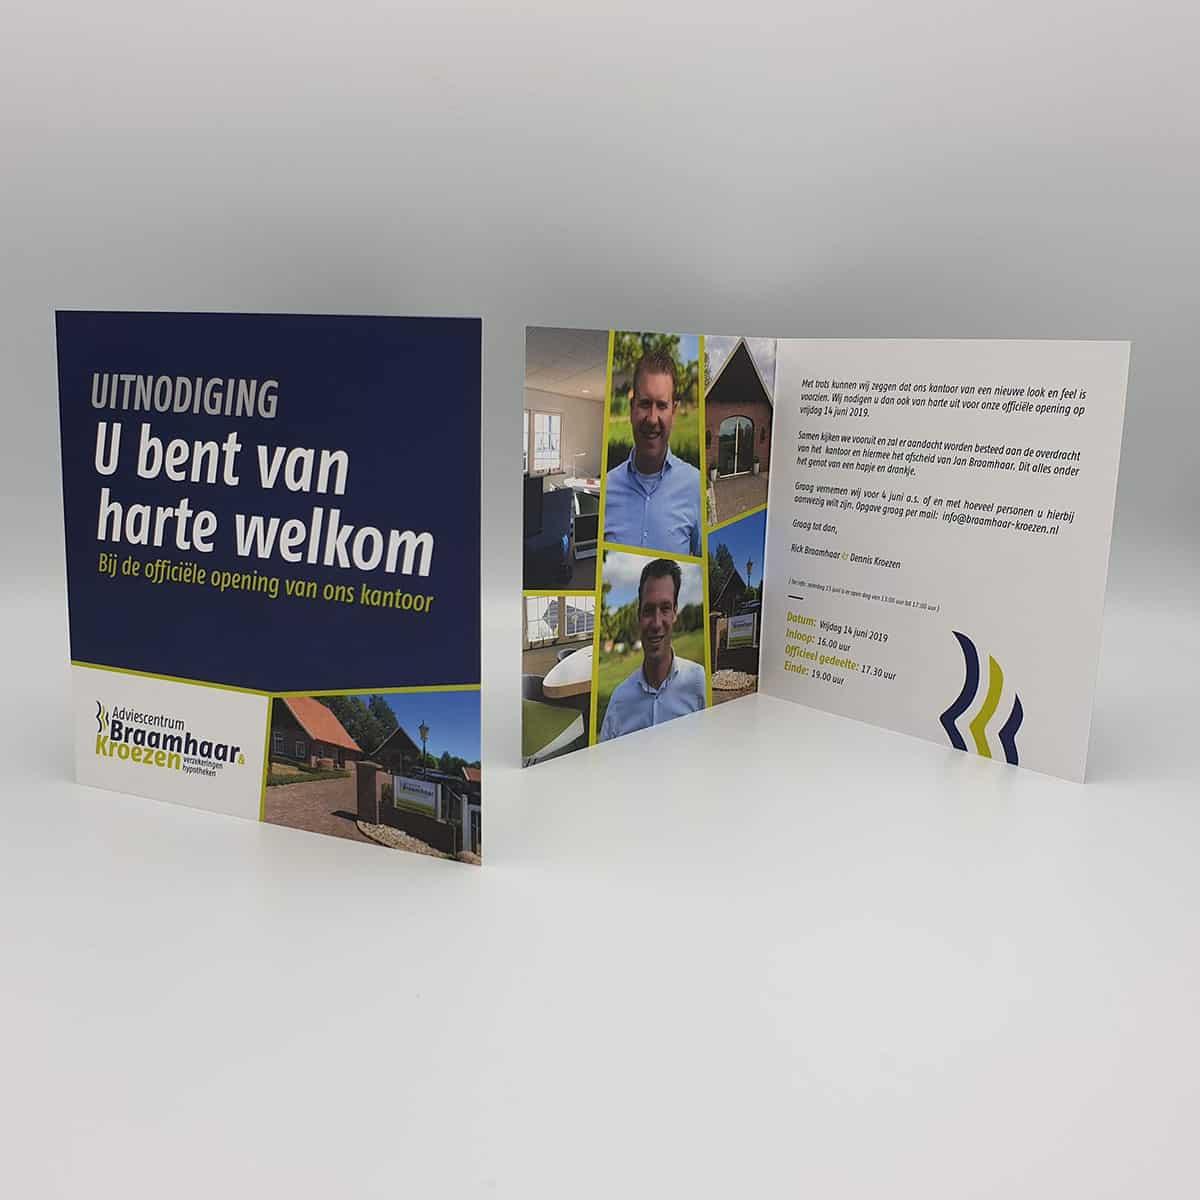 Huisstijl-uitnodiging-Braamhaar&Kroezen-burobedenkt